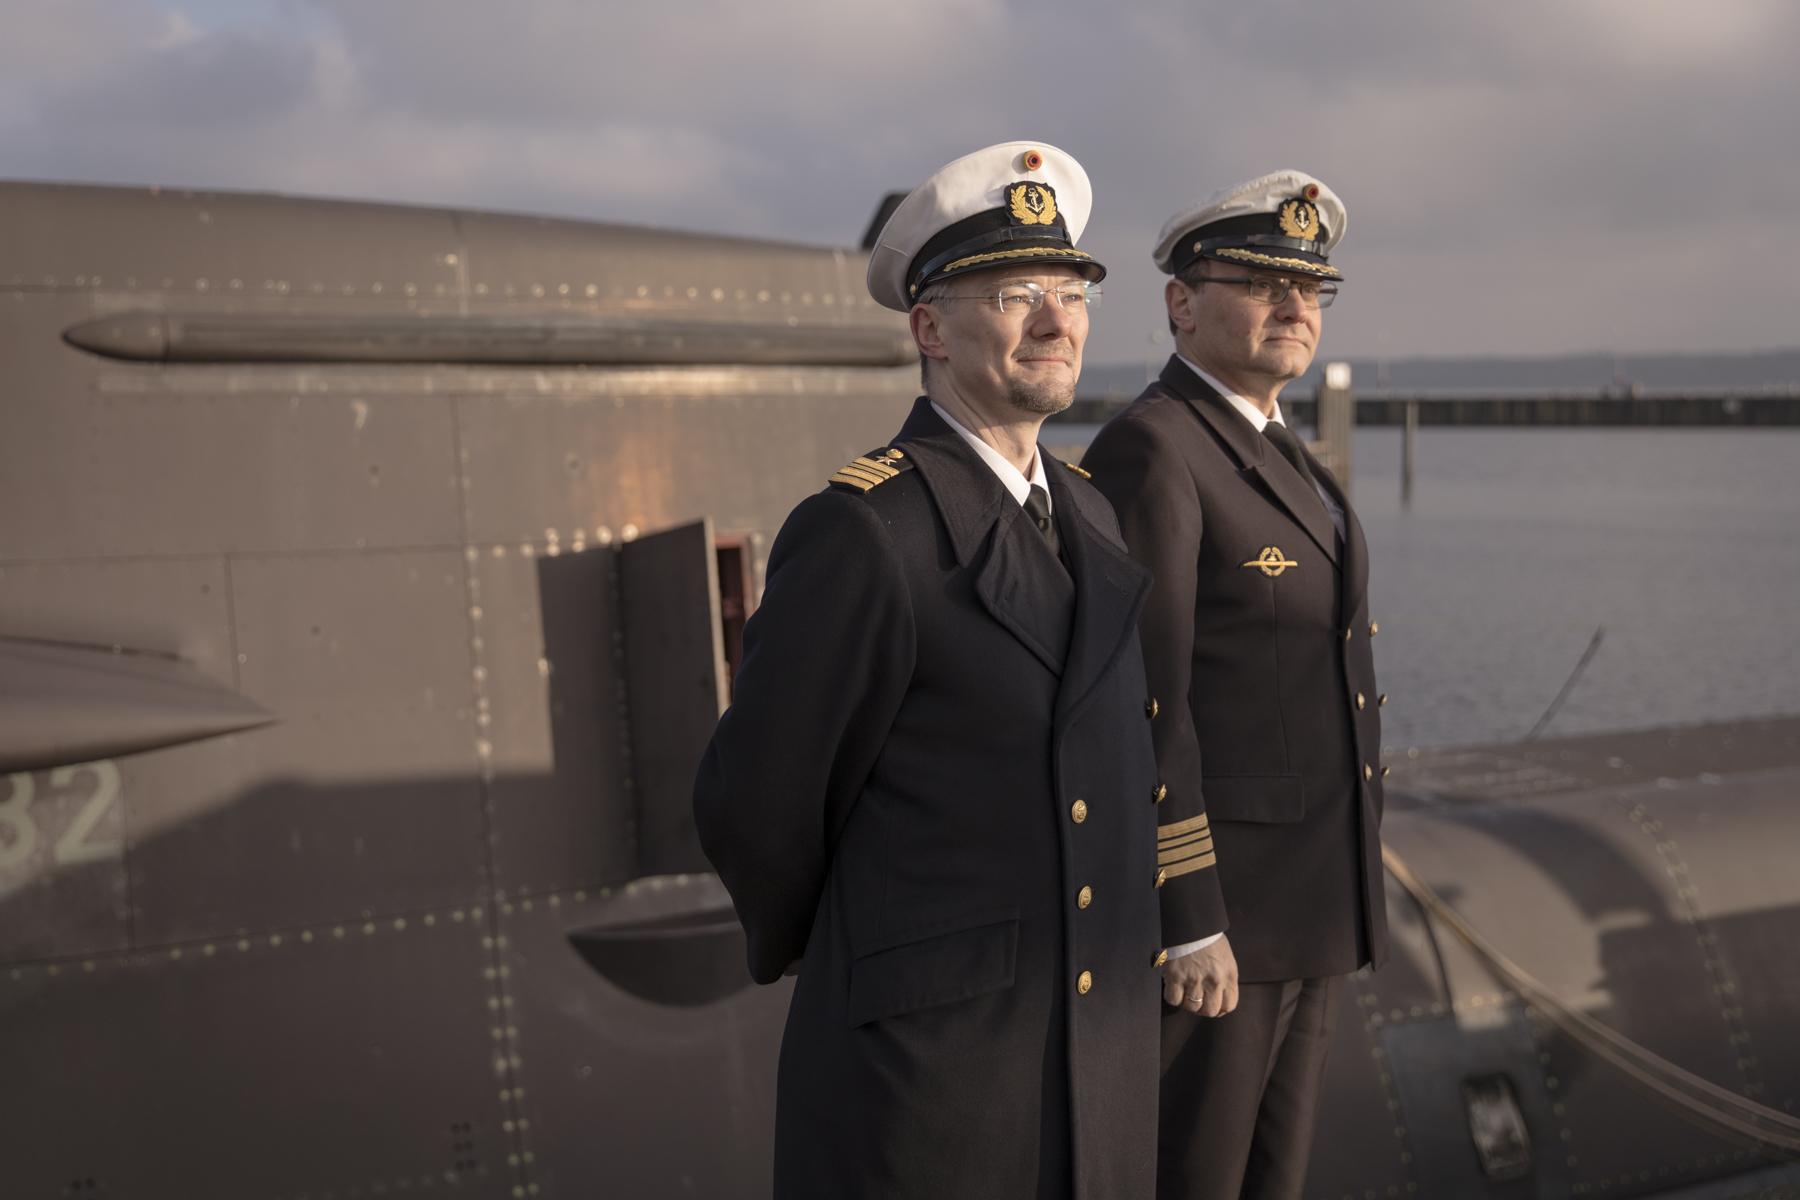 Fregattenkapitäne des 1. Ubootgeschwader Lars Johst (li.) und Manfred Grabienski (re.).